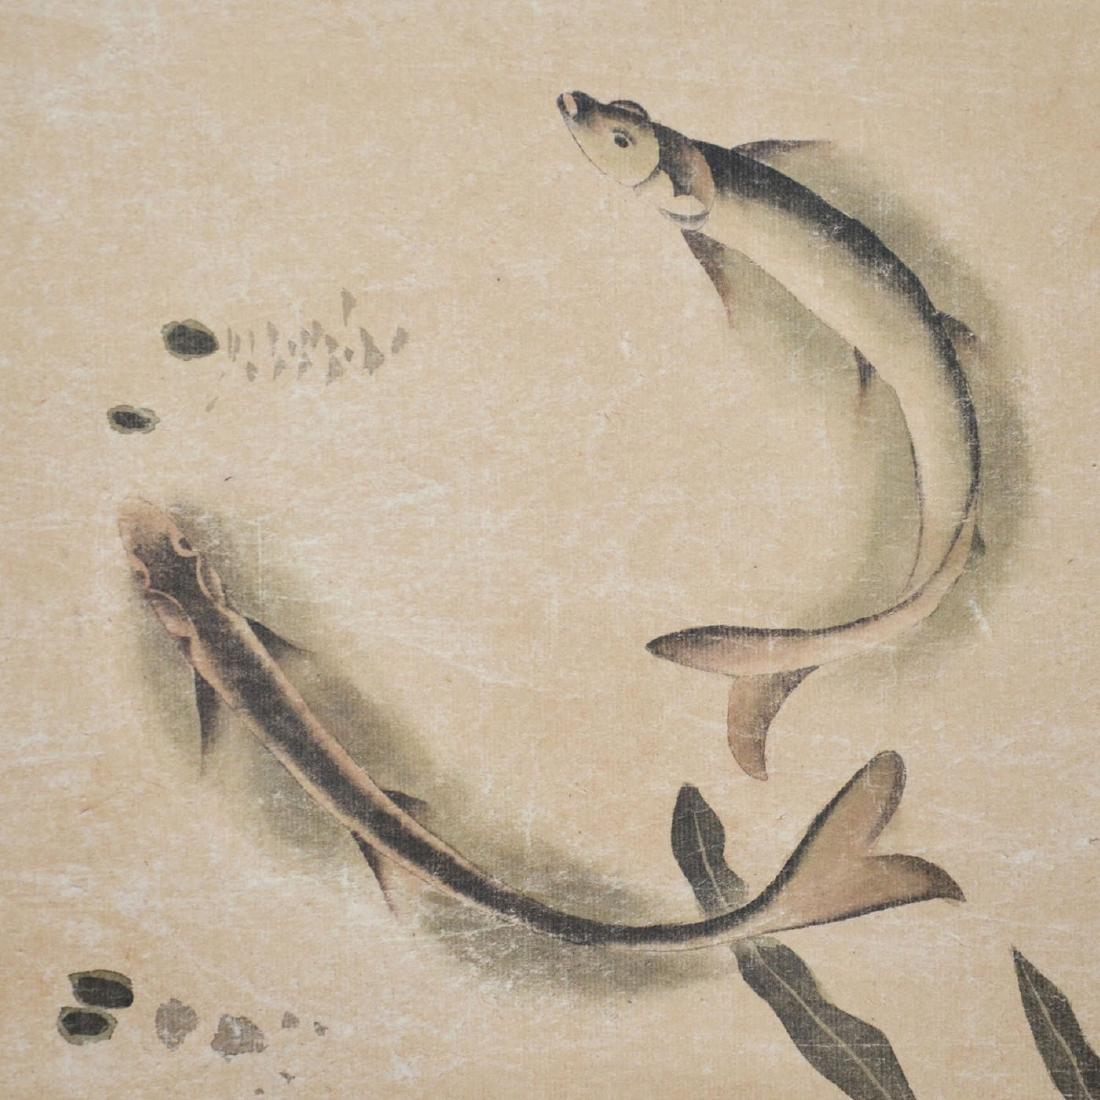 Miao Jiahui Qing Dynasty Fish in Merriment - 6